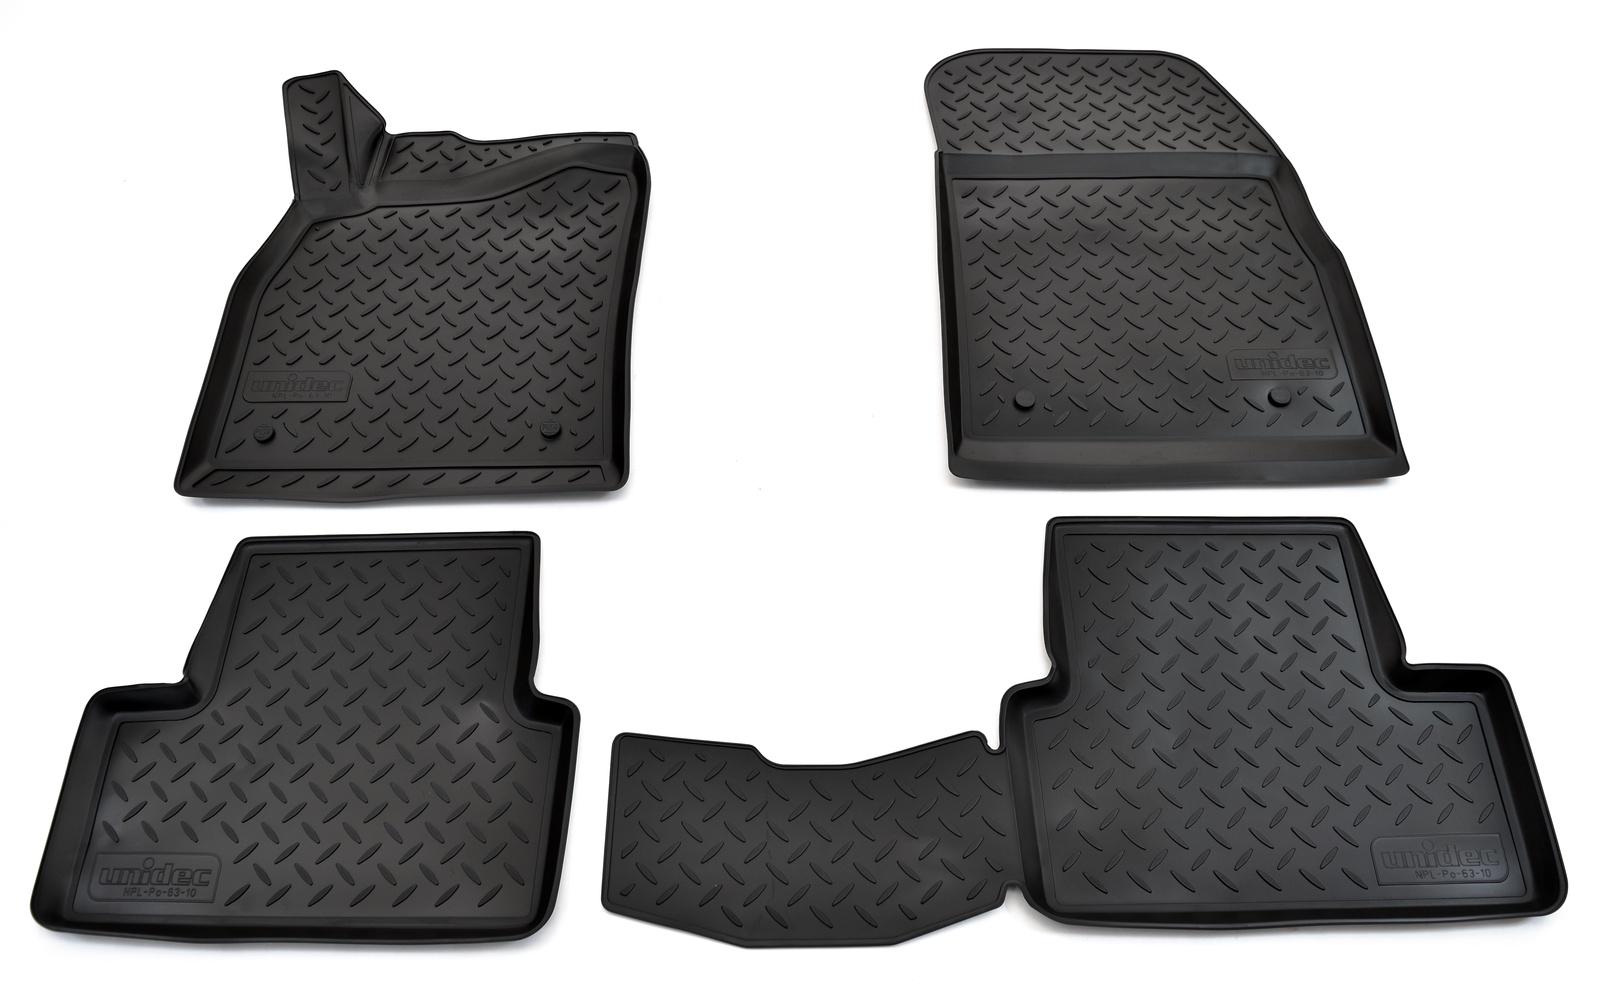 Коврики в салон автомобиля Norplast для Opel Astra J 3D (2010), NPL-Po-63-10, черный j